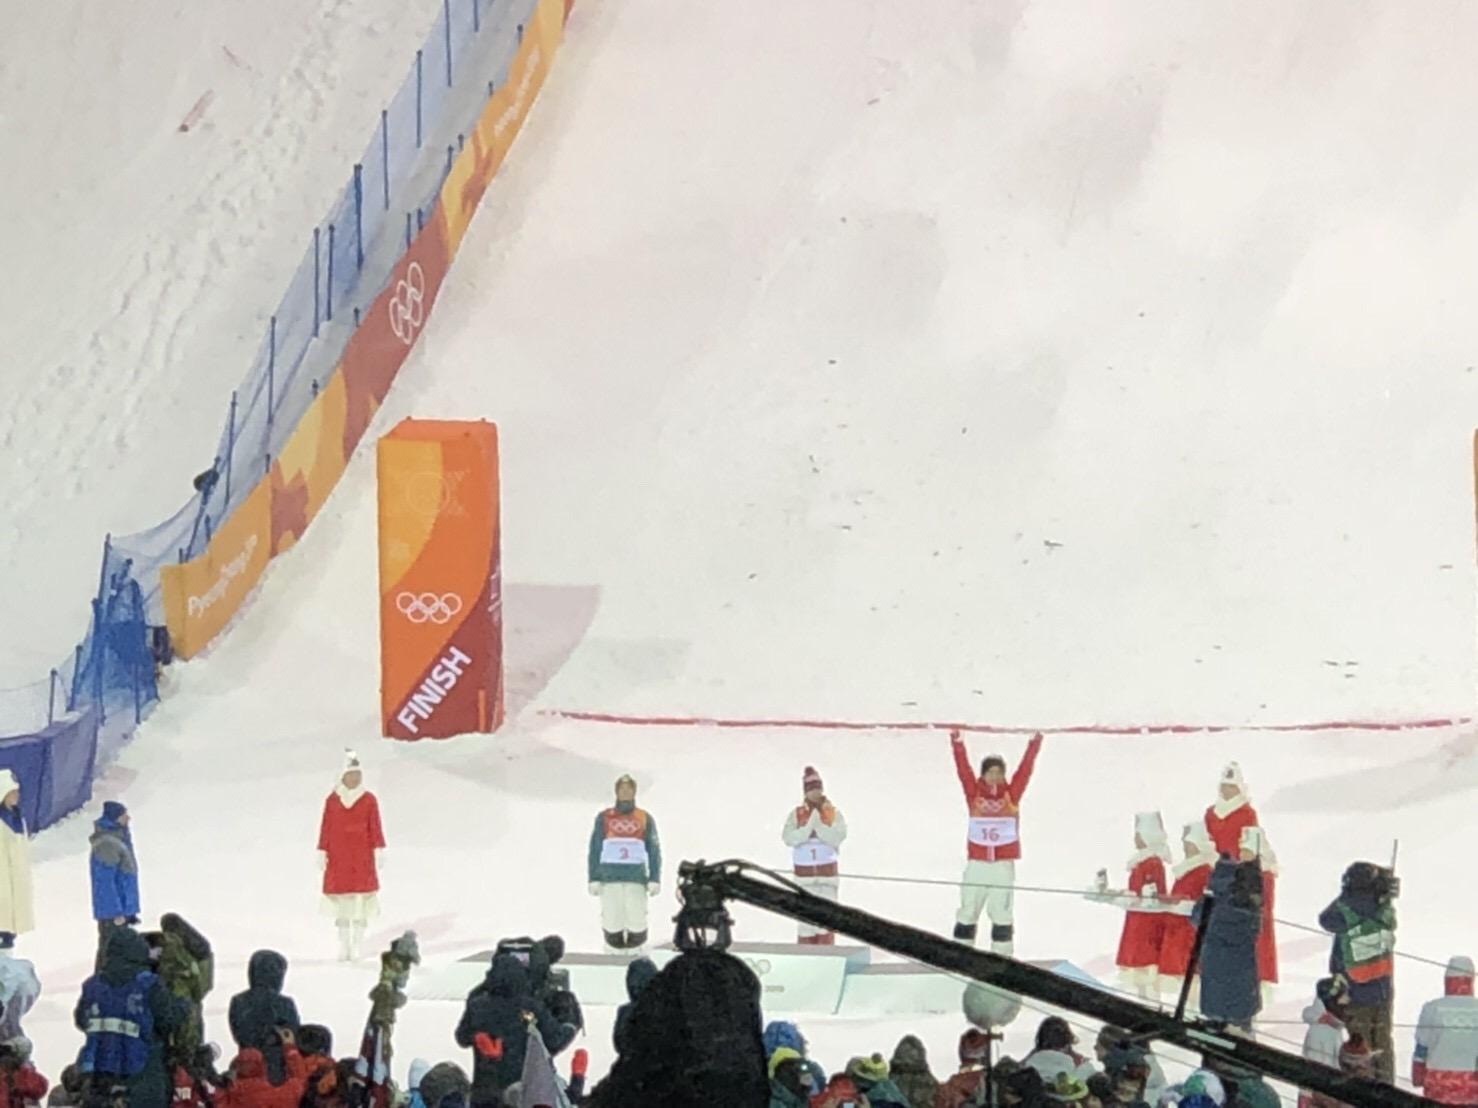 行ってきました、興奮の平昌オリンピック!韓国焼肉のおすすめ店情報も!